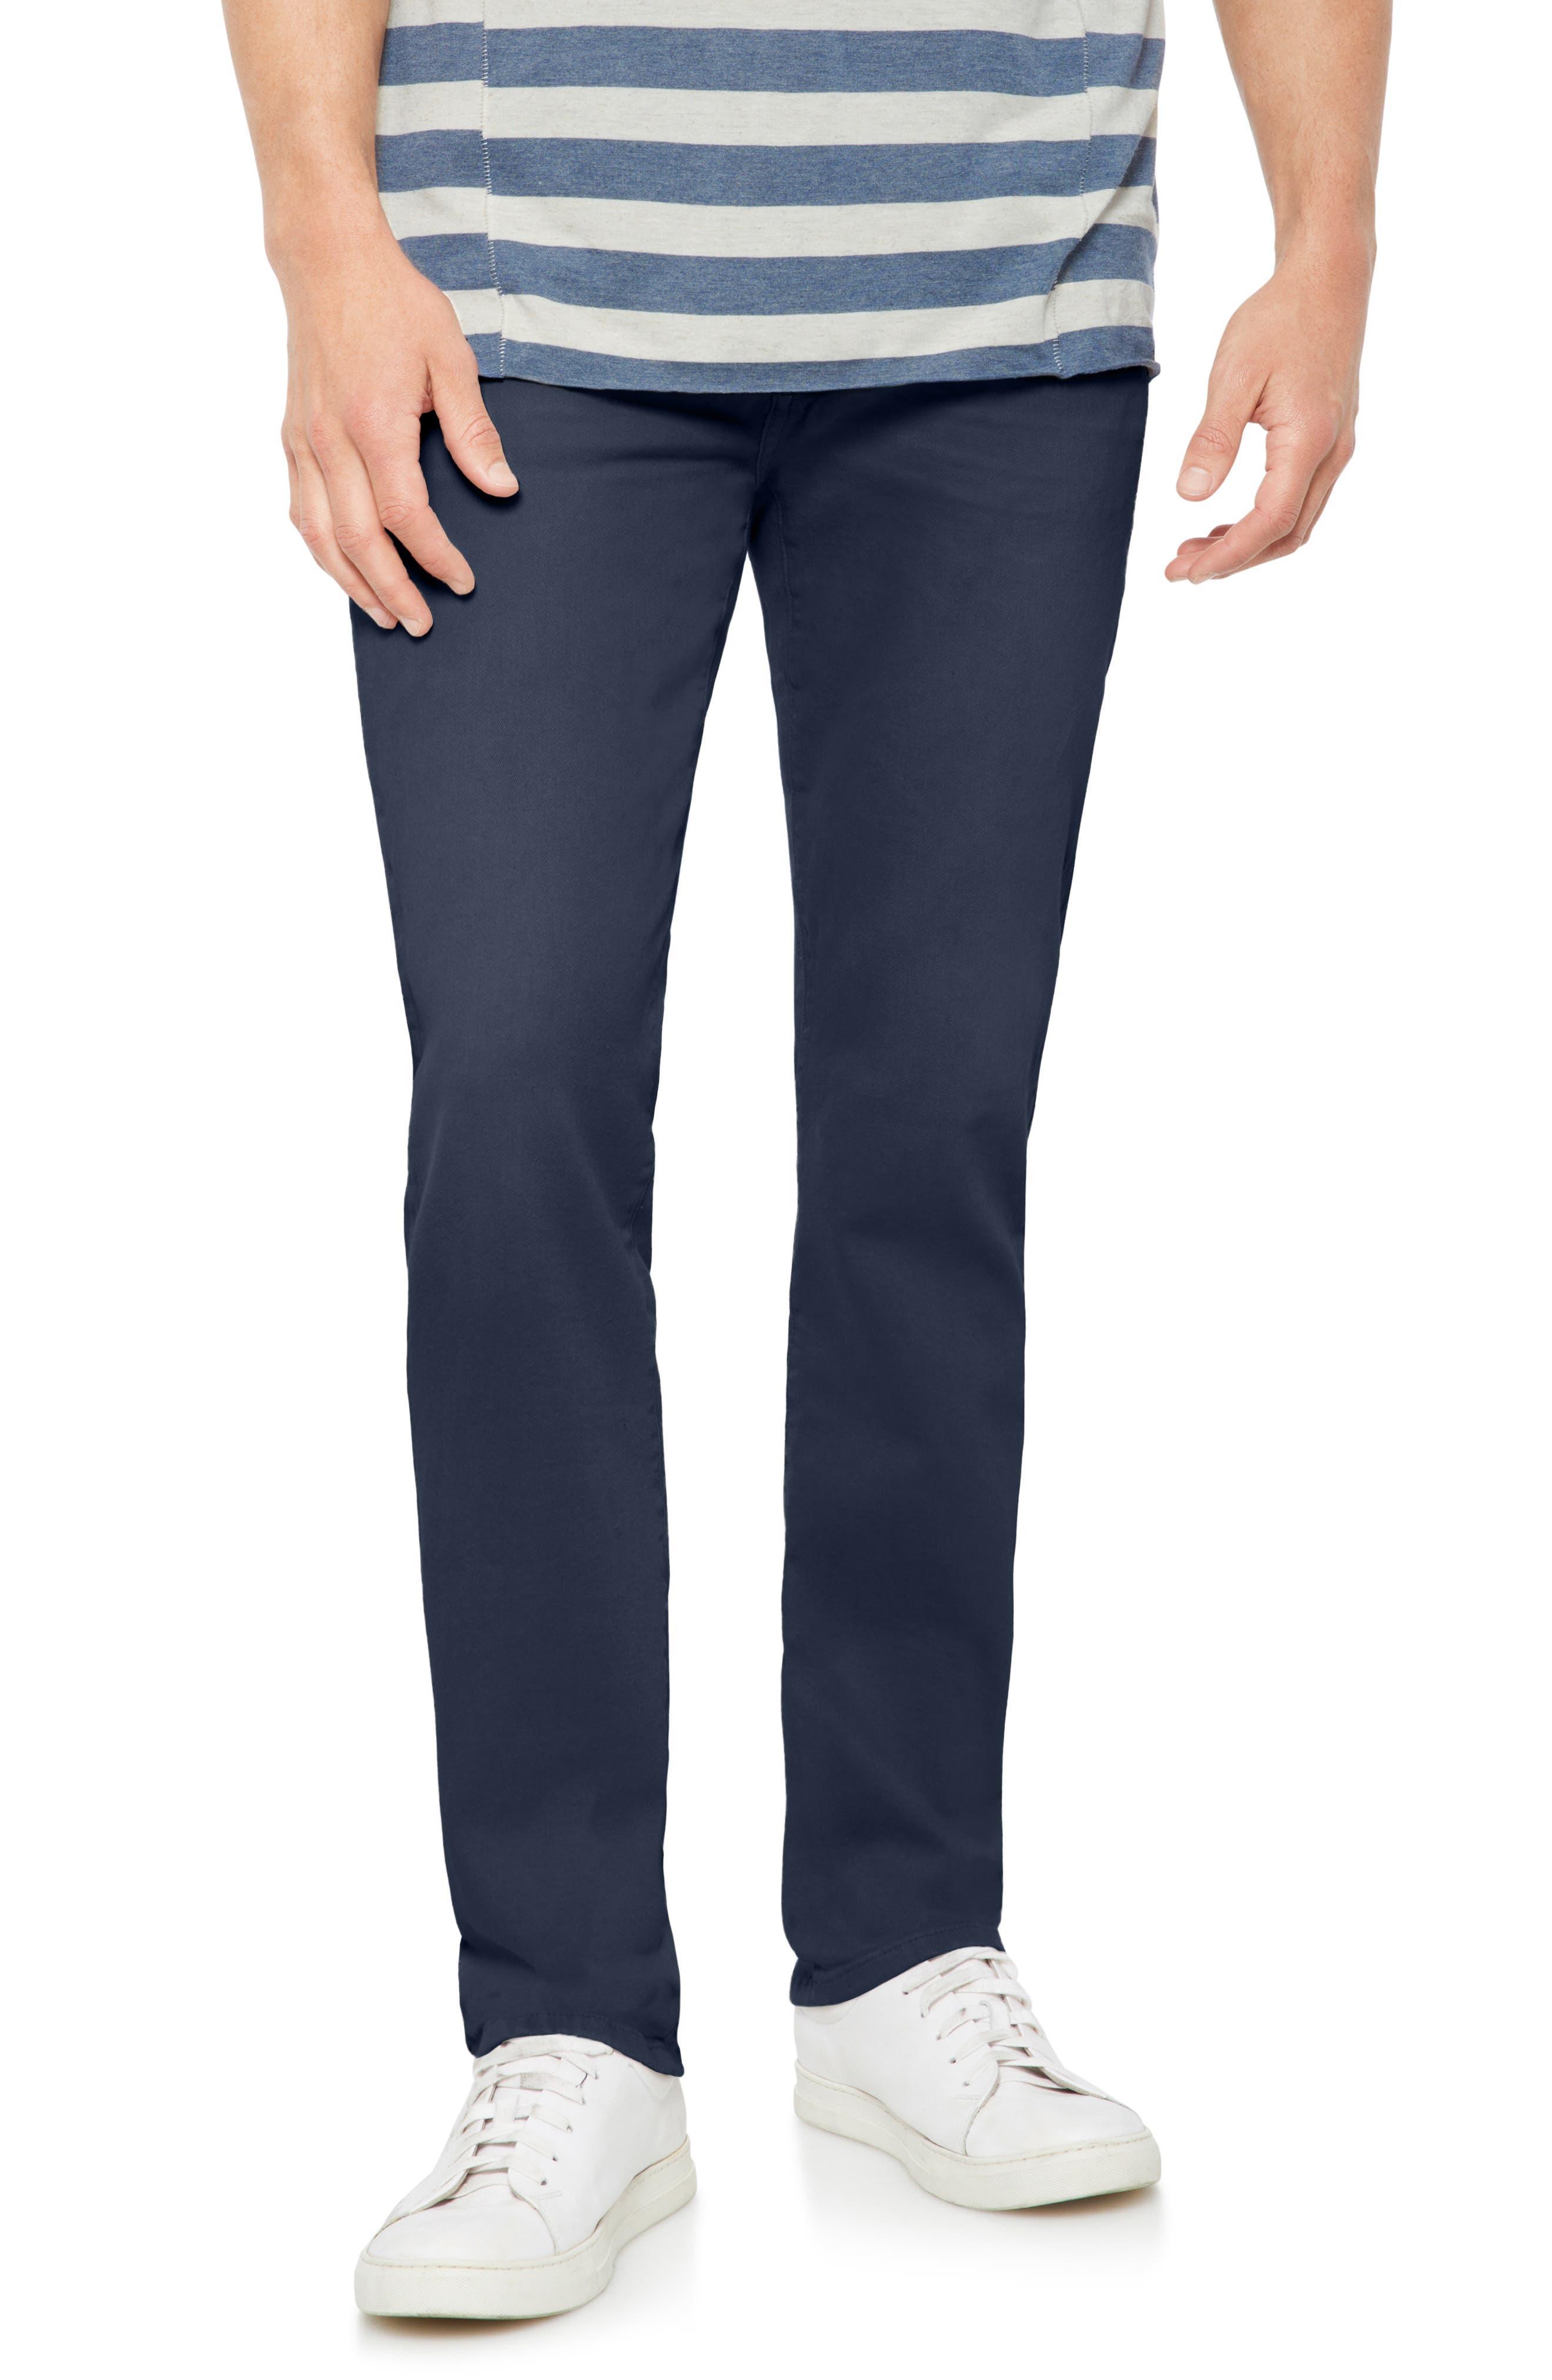 Brixton Slim Straight Fit Pants,                             Main thumbnail 1, color,                             NAVY